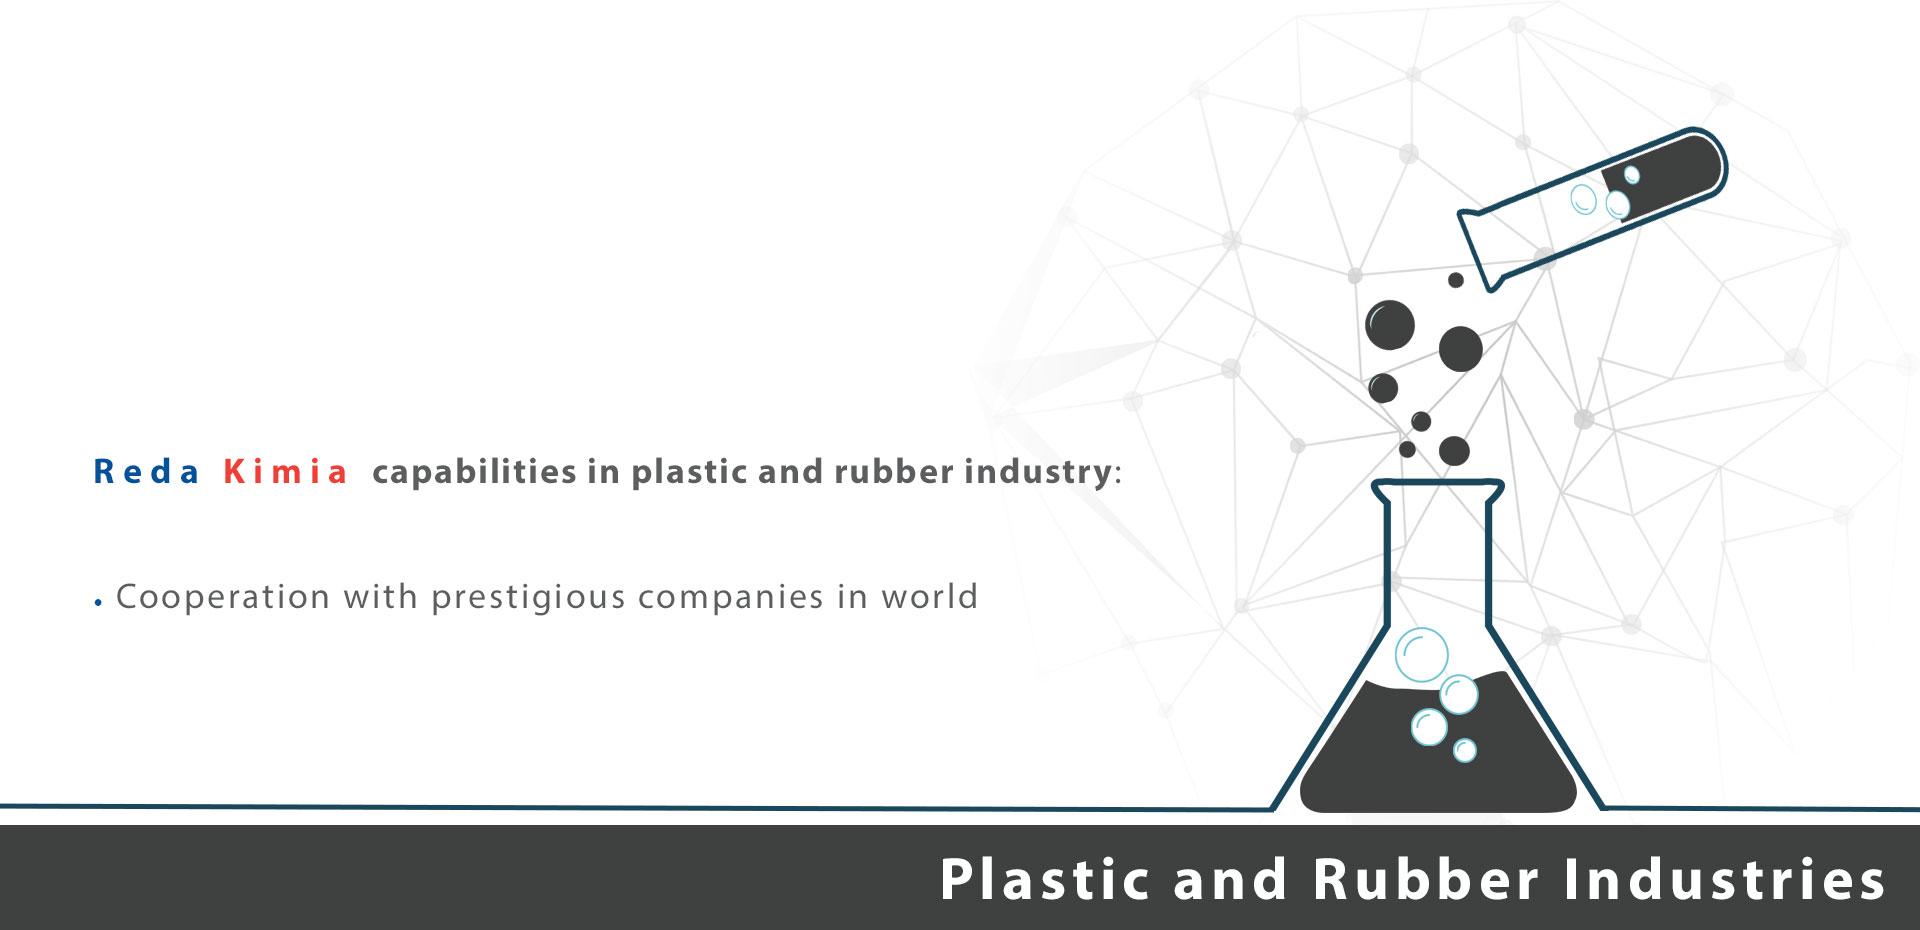 صنایع پلاستیک و لاستیک